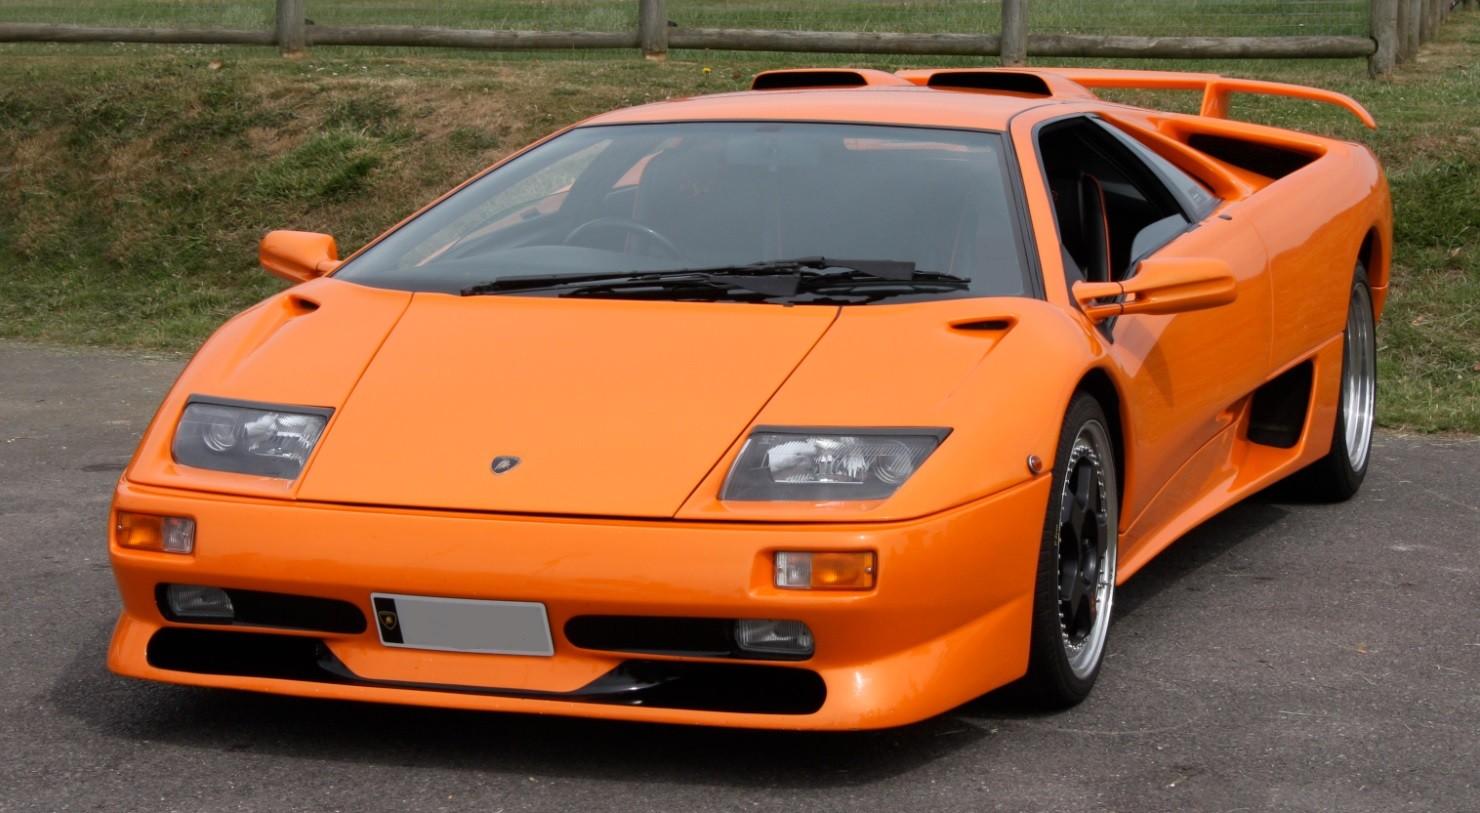 Lamborghini Diablo Sv Orange 1999 Looksmart Lsdh07 Miniatures